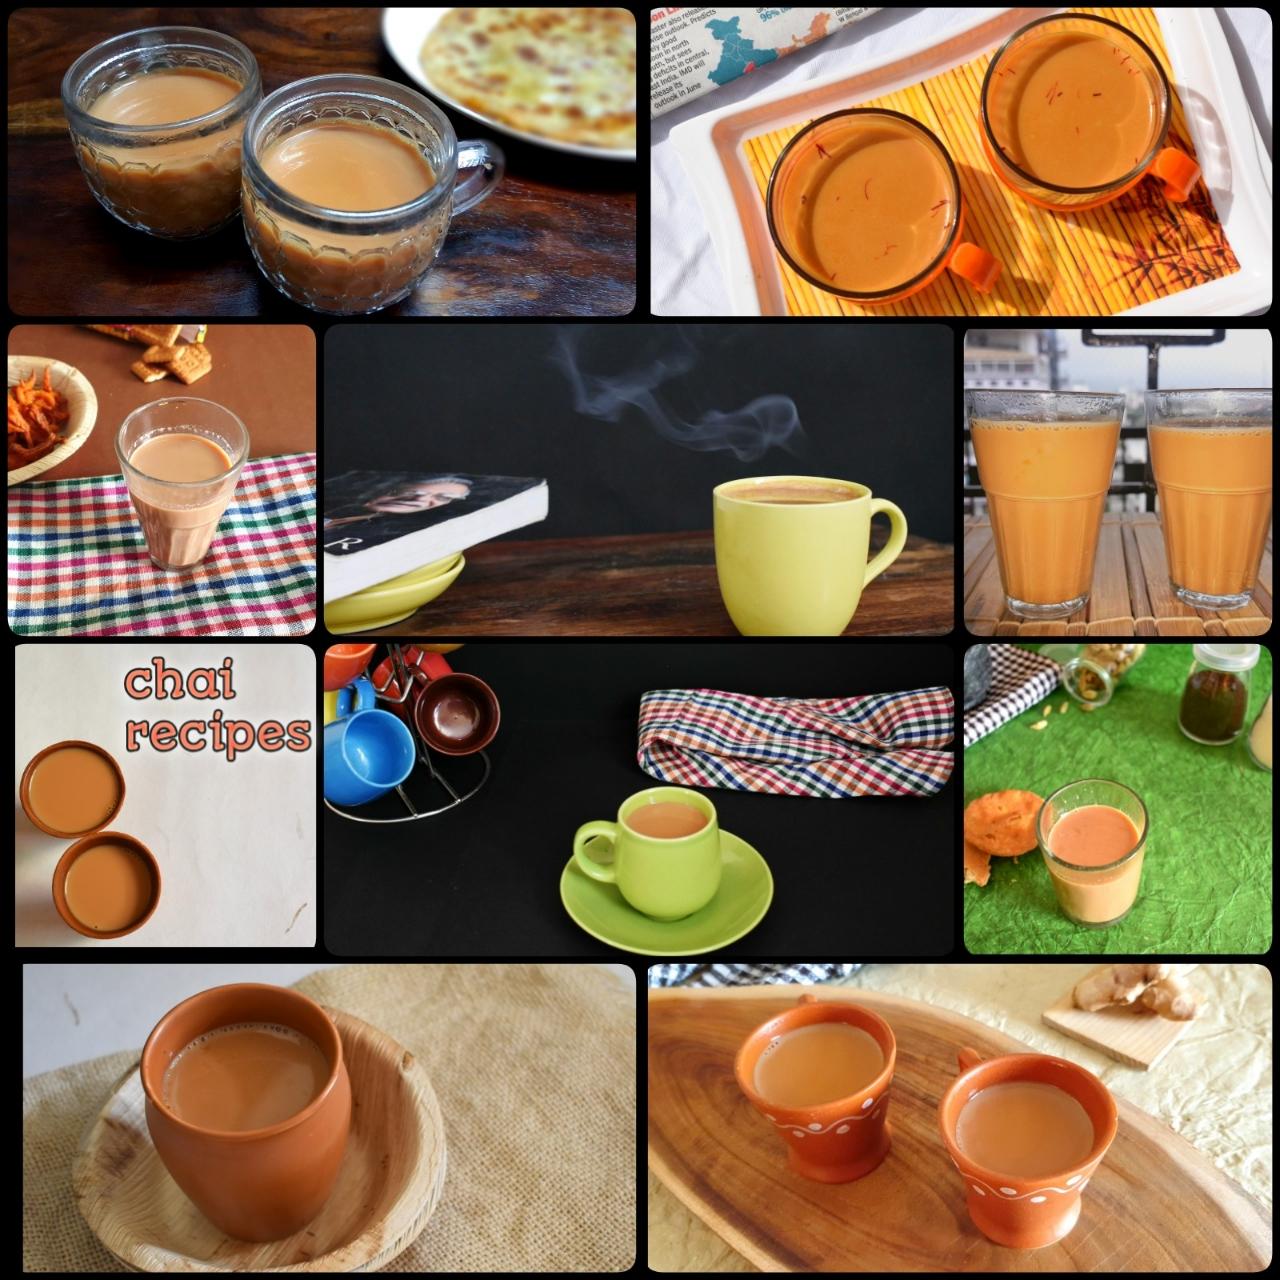 Chai Recipes